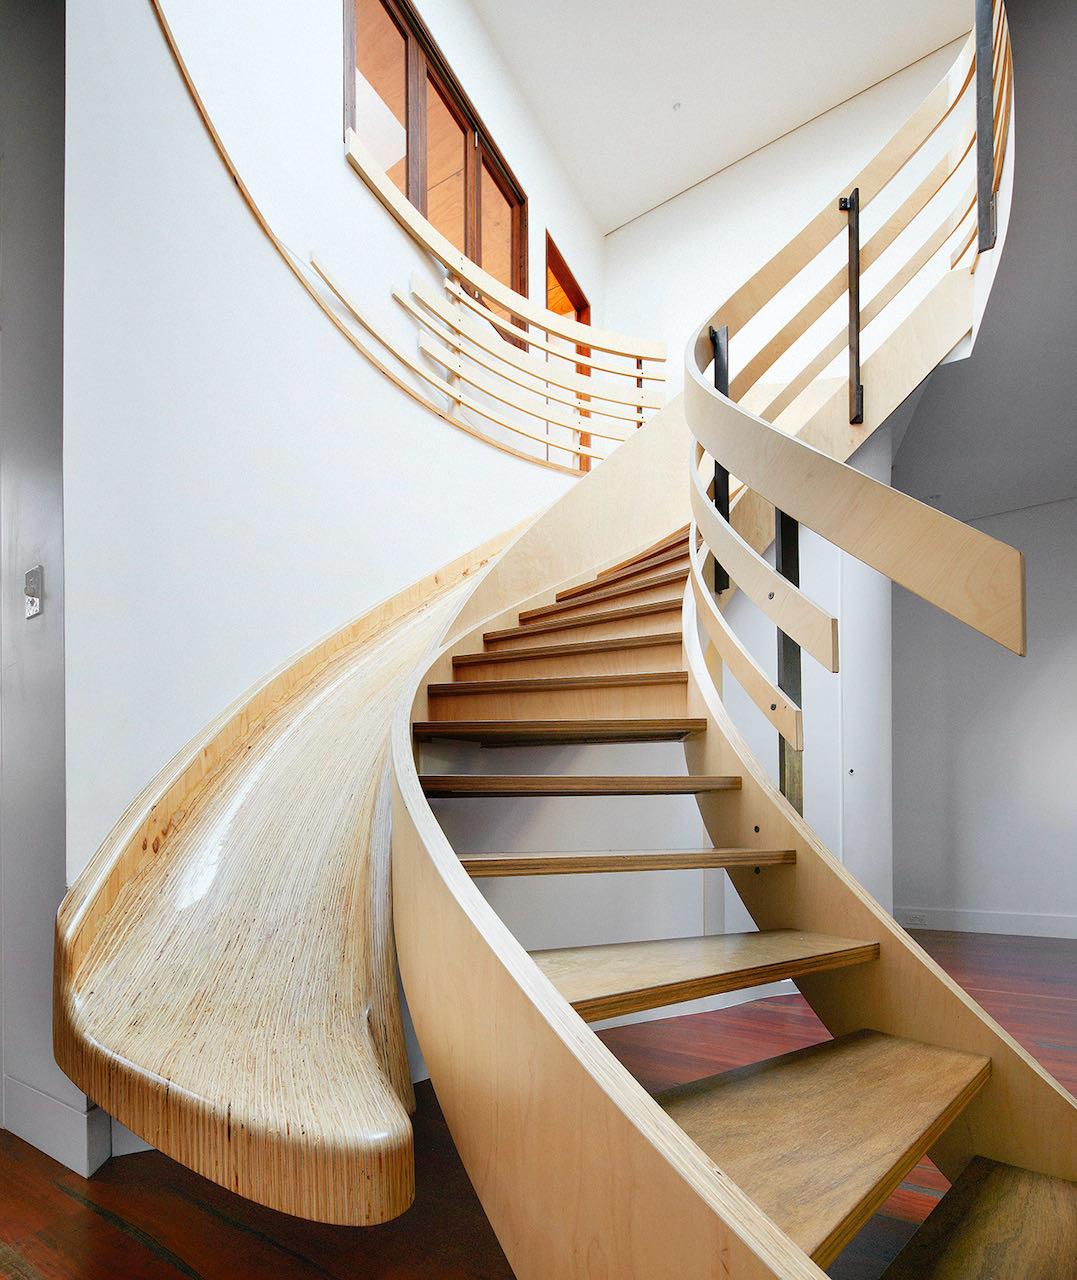 Stairs Pano A.jpeg